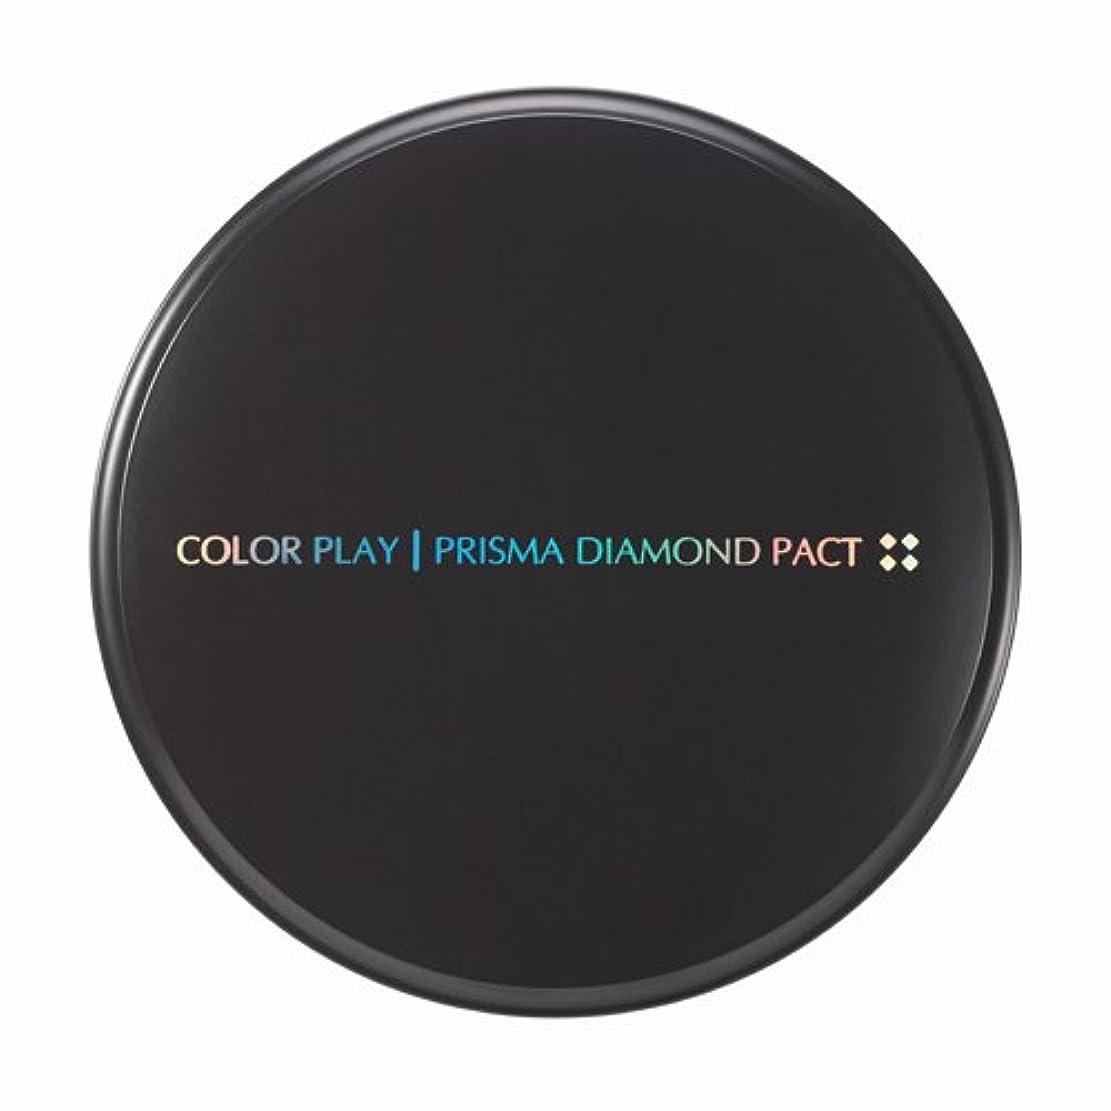 学校雄弁家緊張【It's skin(イッツスキン)】 Prisma Diamond Pact プリズマ ダイアモンド パクト SPF25,PA++ 21号:ライトベージュ